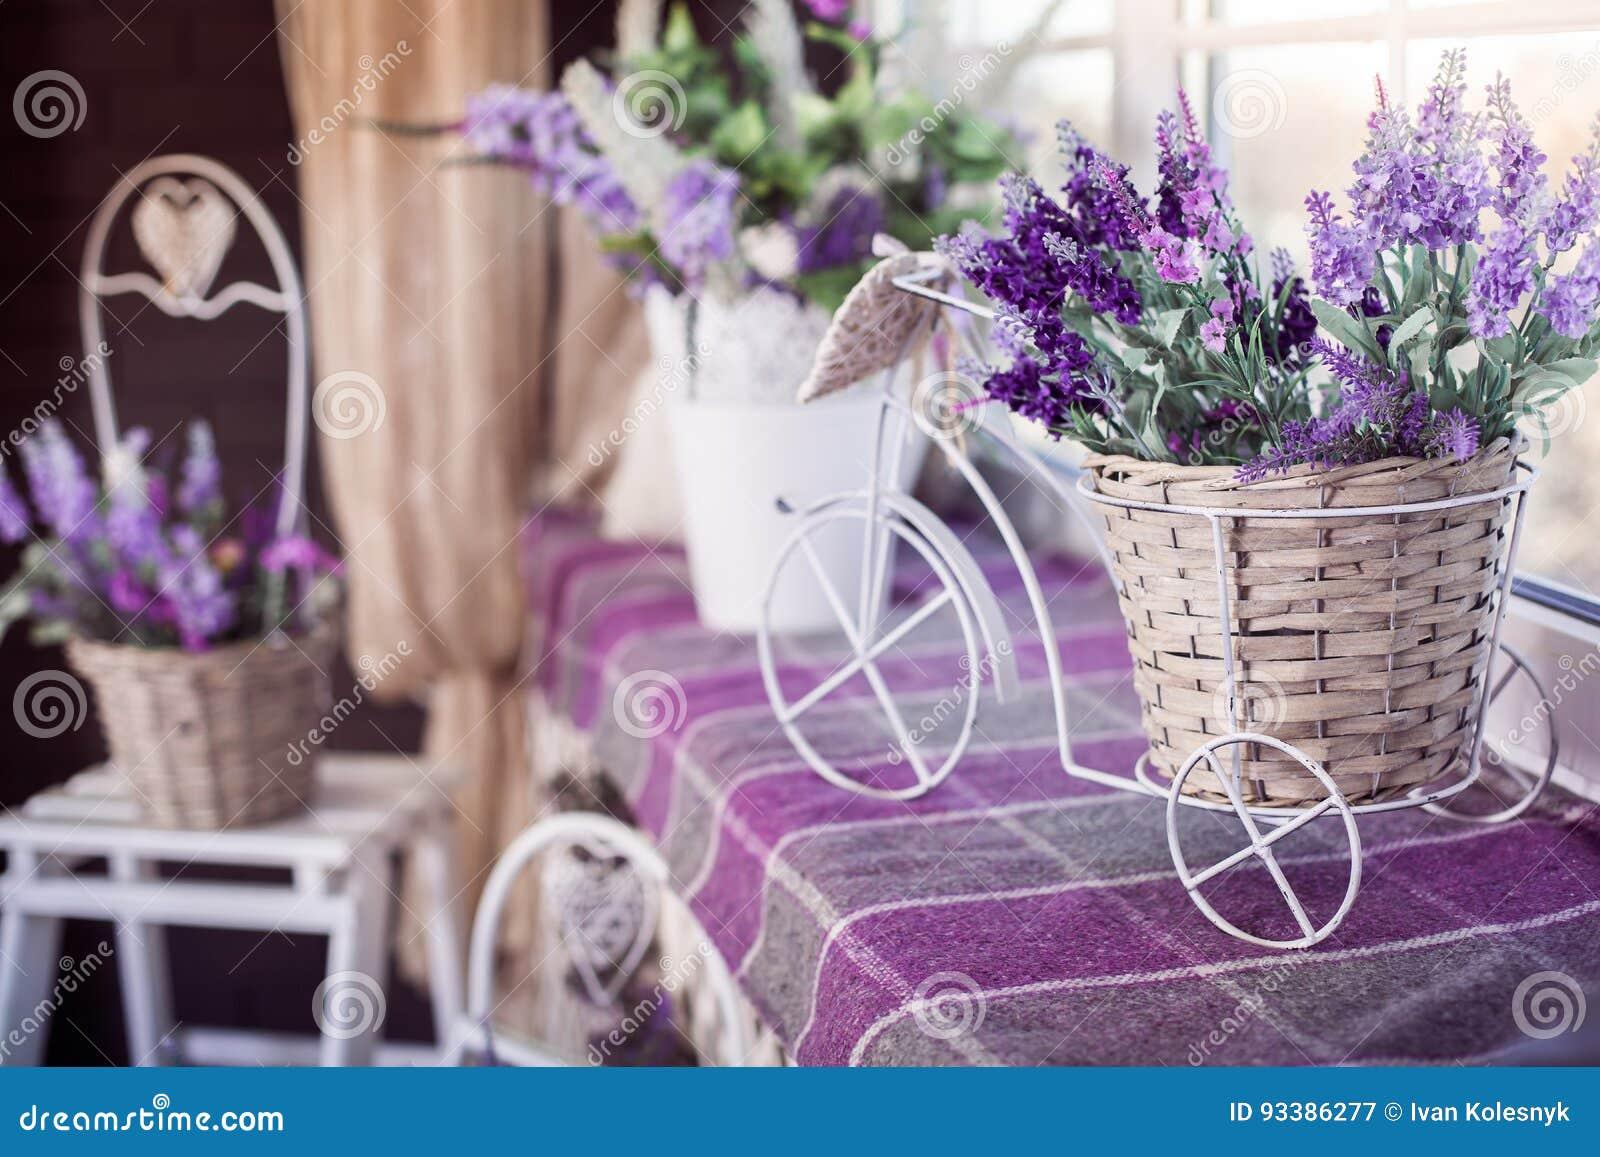 Les Fleurs De Lavande Dans Le Petit Pot Decoratif De Bicyclette Se